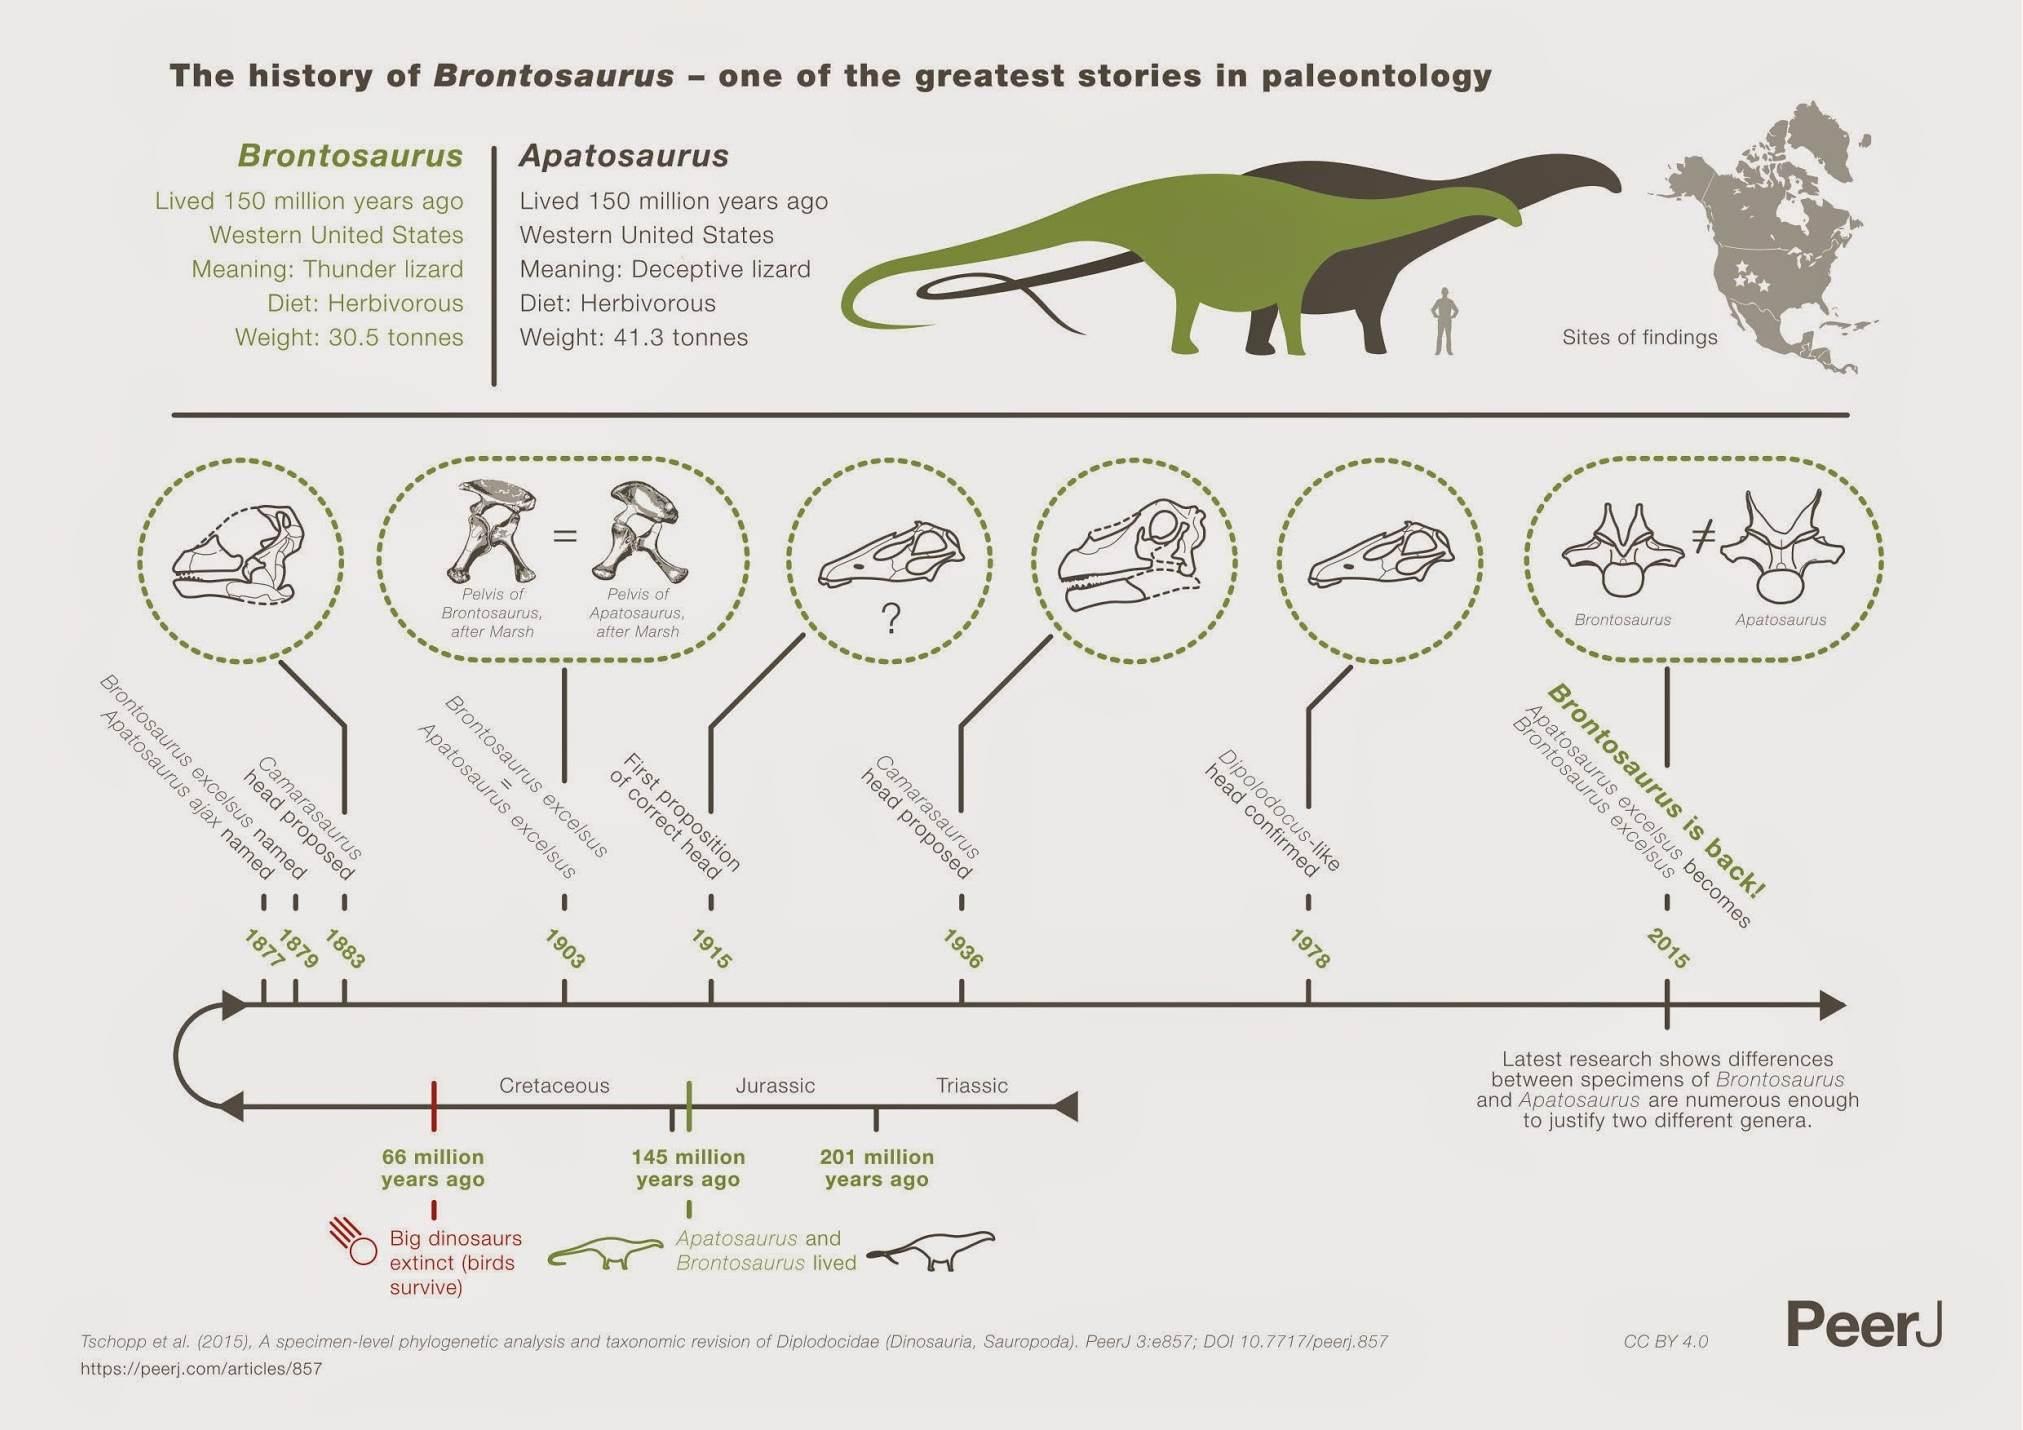 Omdat een beeld meer zegt dan duizend woorden: de geschiedenis van de Brontosaurus in beeld. Klik voor een vergroting. Afbeelding: PeerJ.